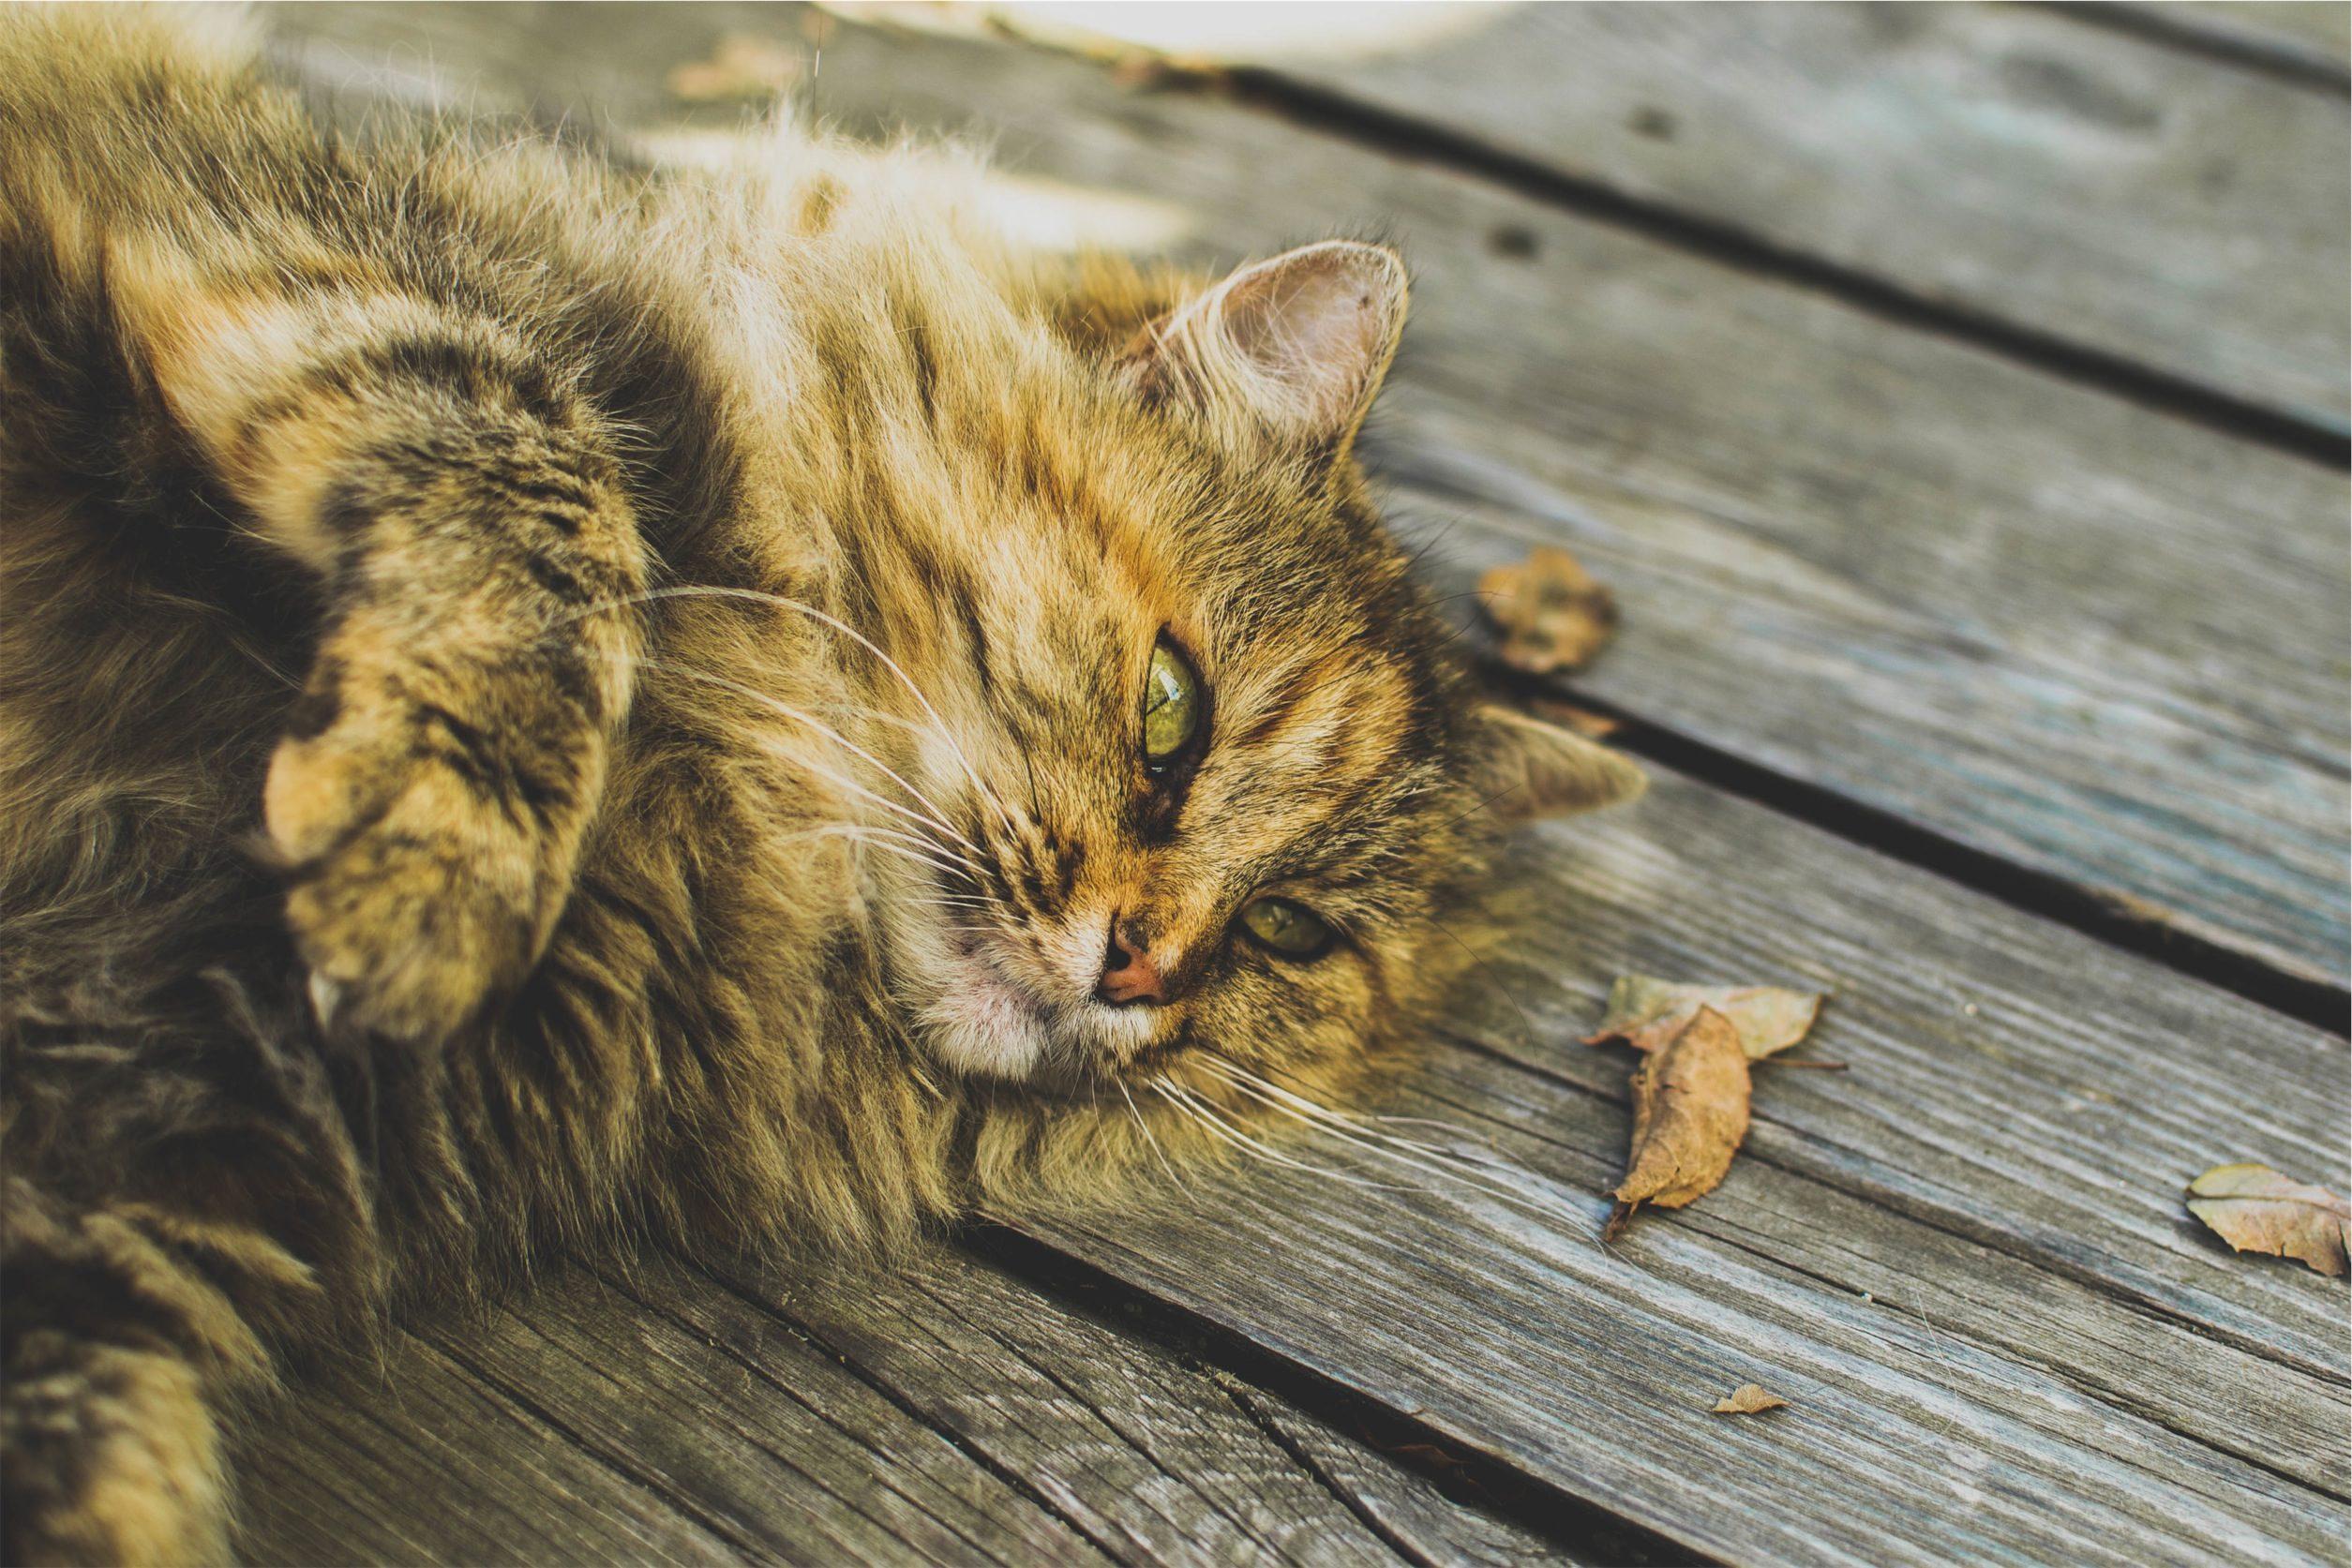 кошка, расслабиться, почвы, Вуд, Смотреть - Обои HD - Профессор falken.com